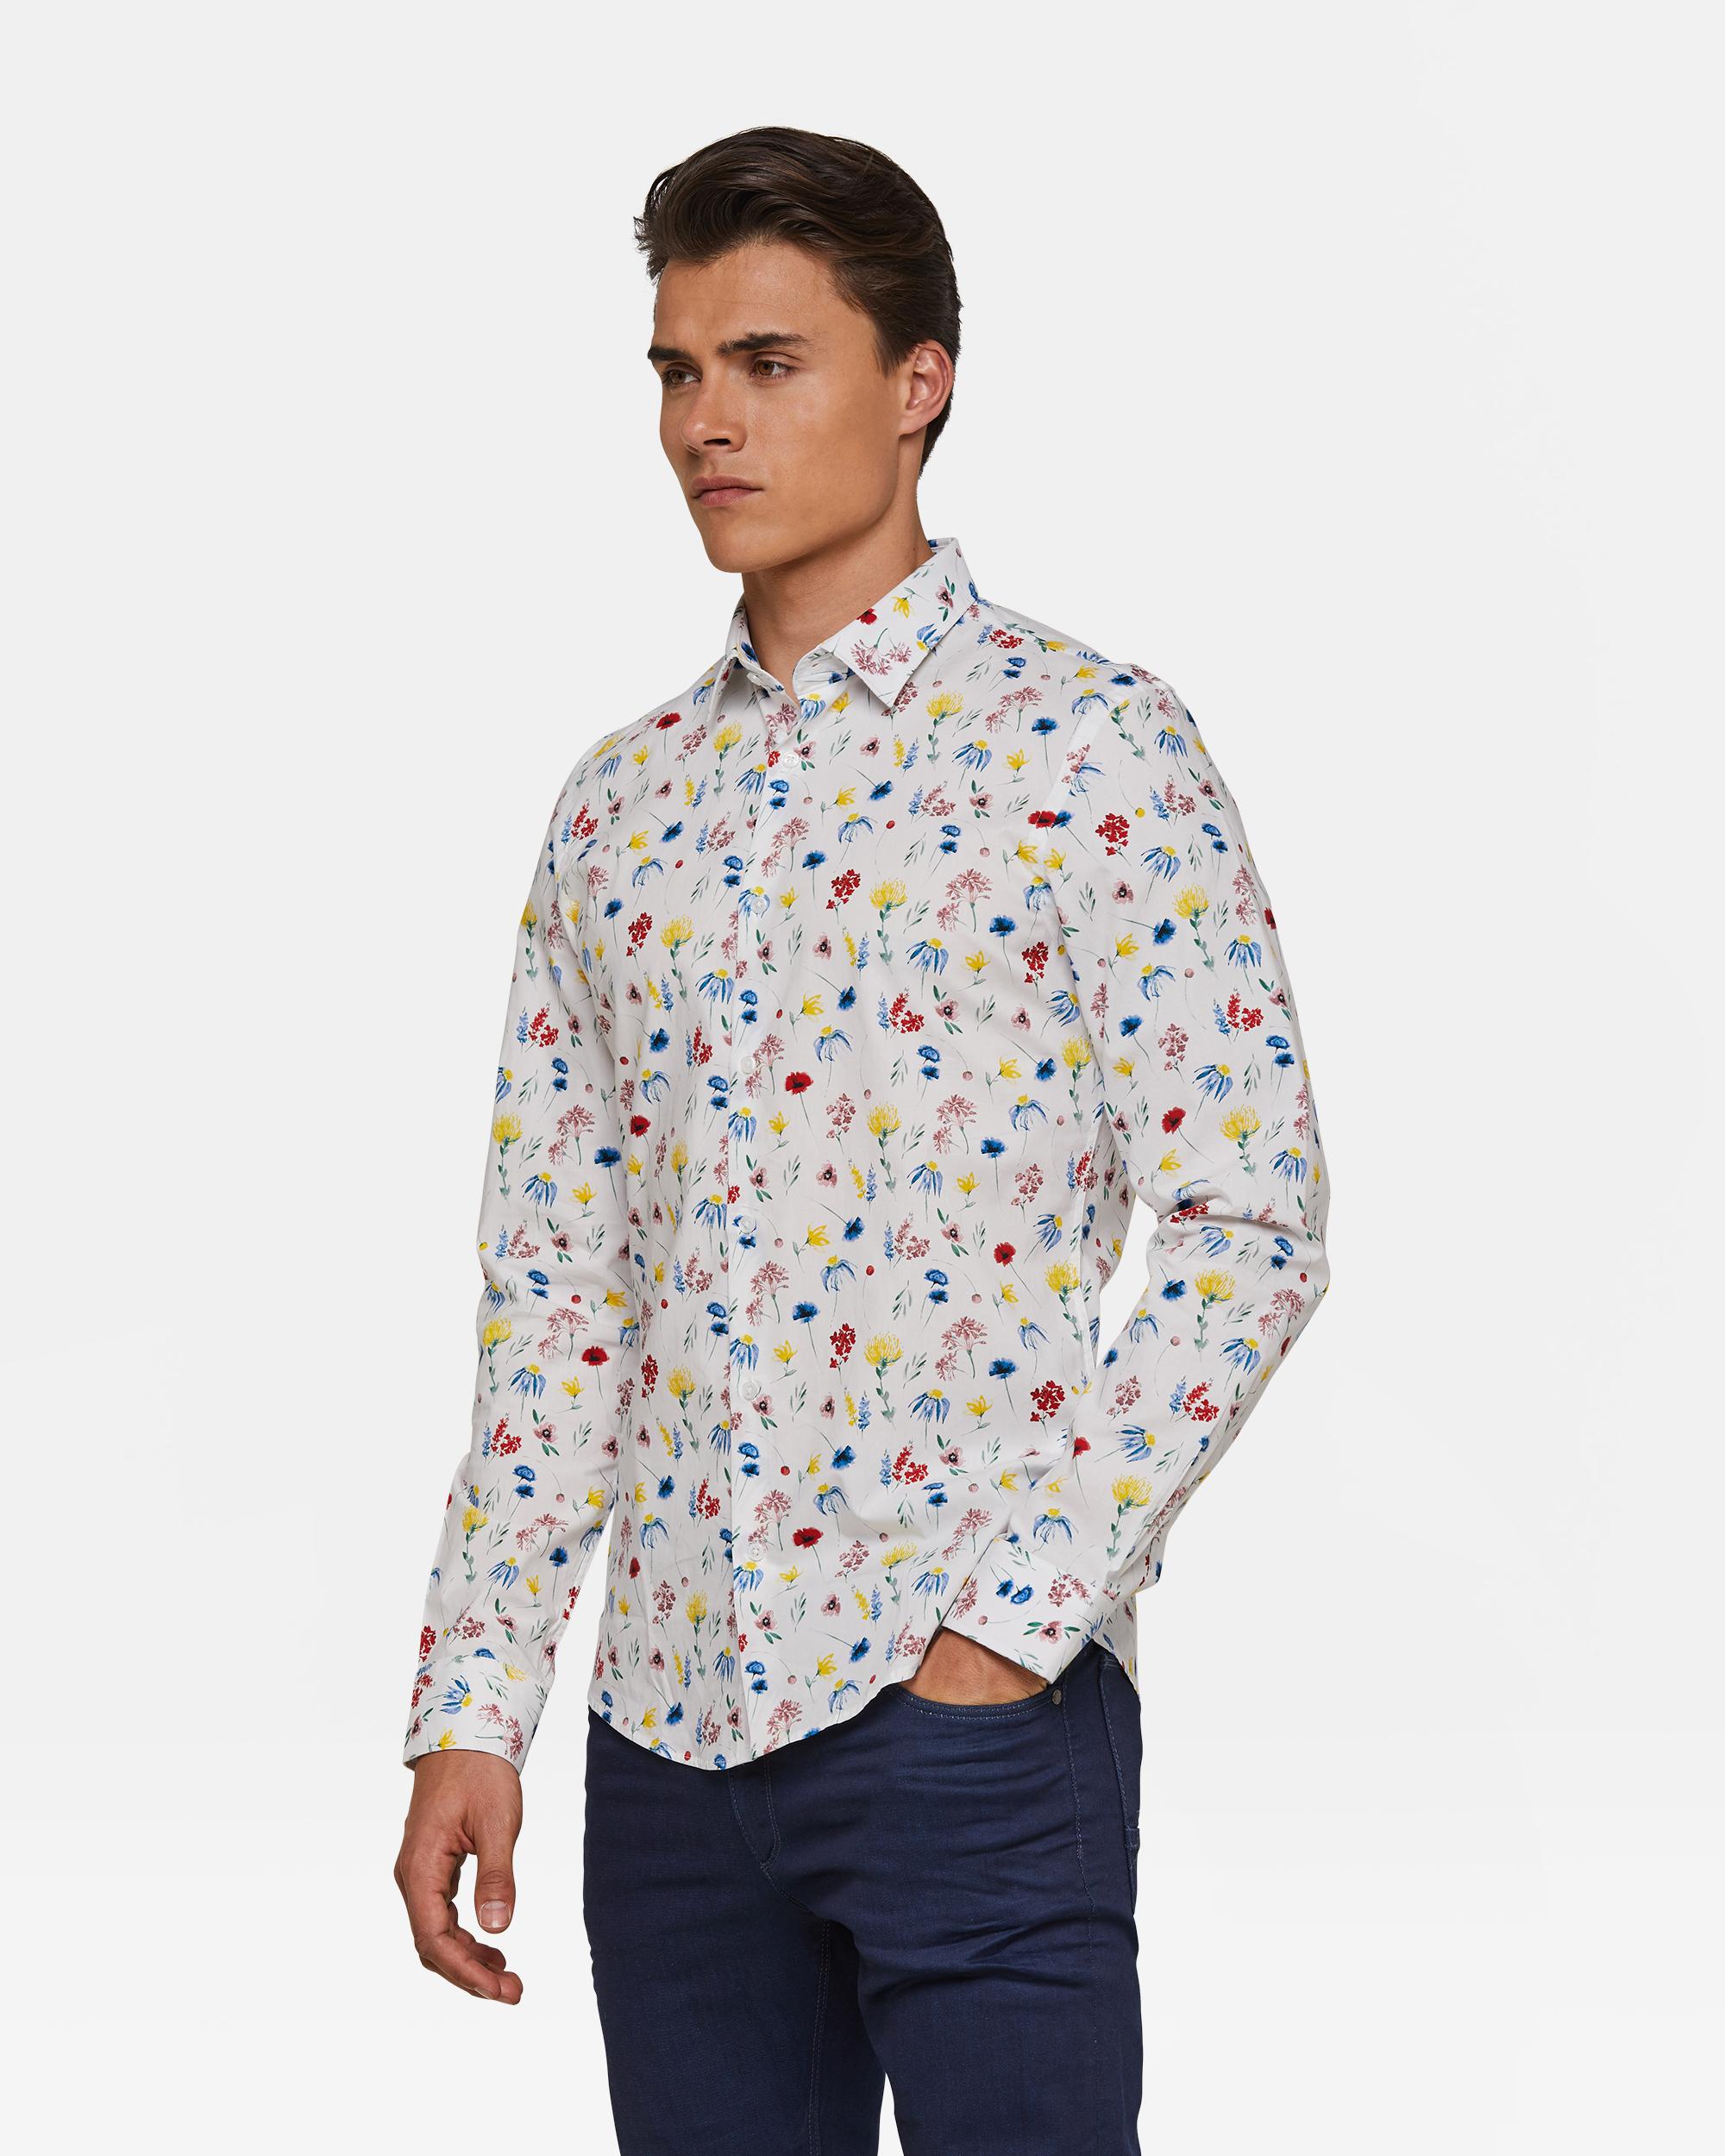 buy online 43a5b 49bf4 Herren-Slim-Fit-Hemd mit Blumenmuster | 94394863 - WE Fashion